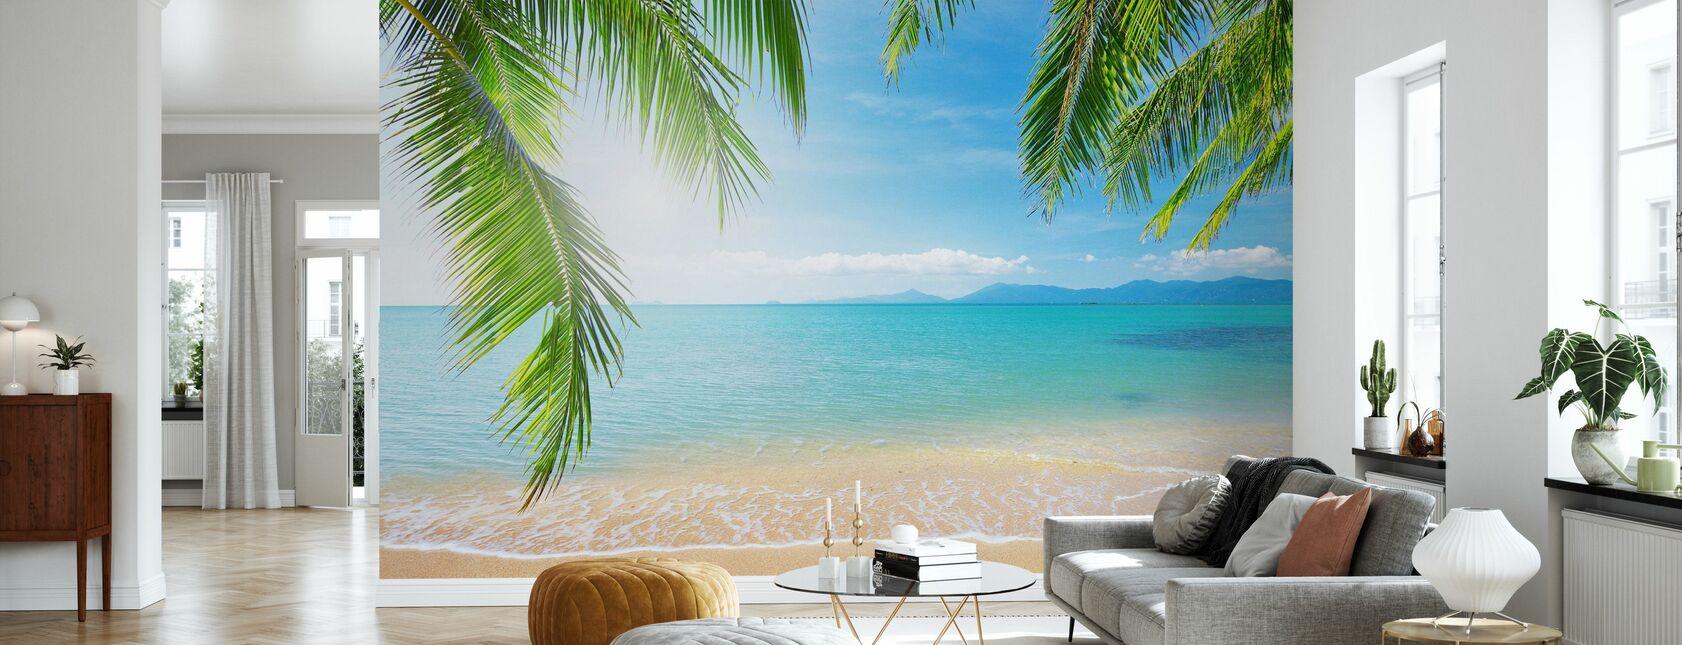 Trooppinen näkymä palmun alla - Tapetti - Olohuone